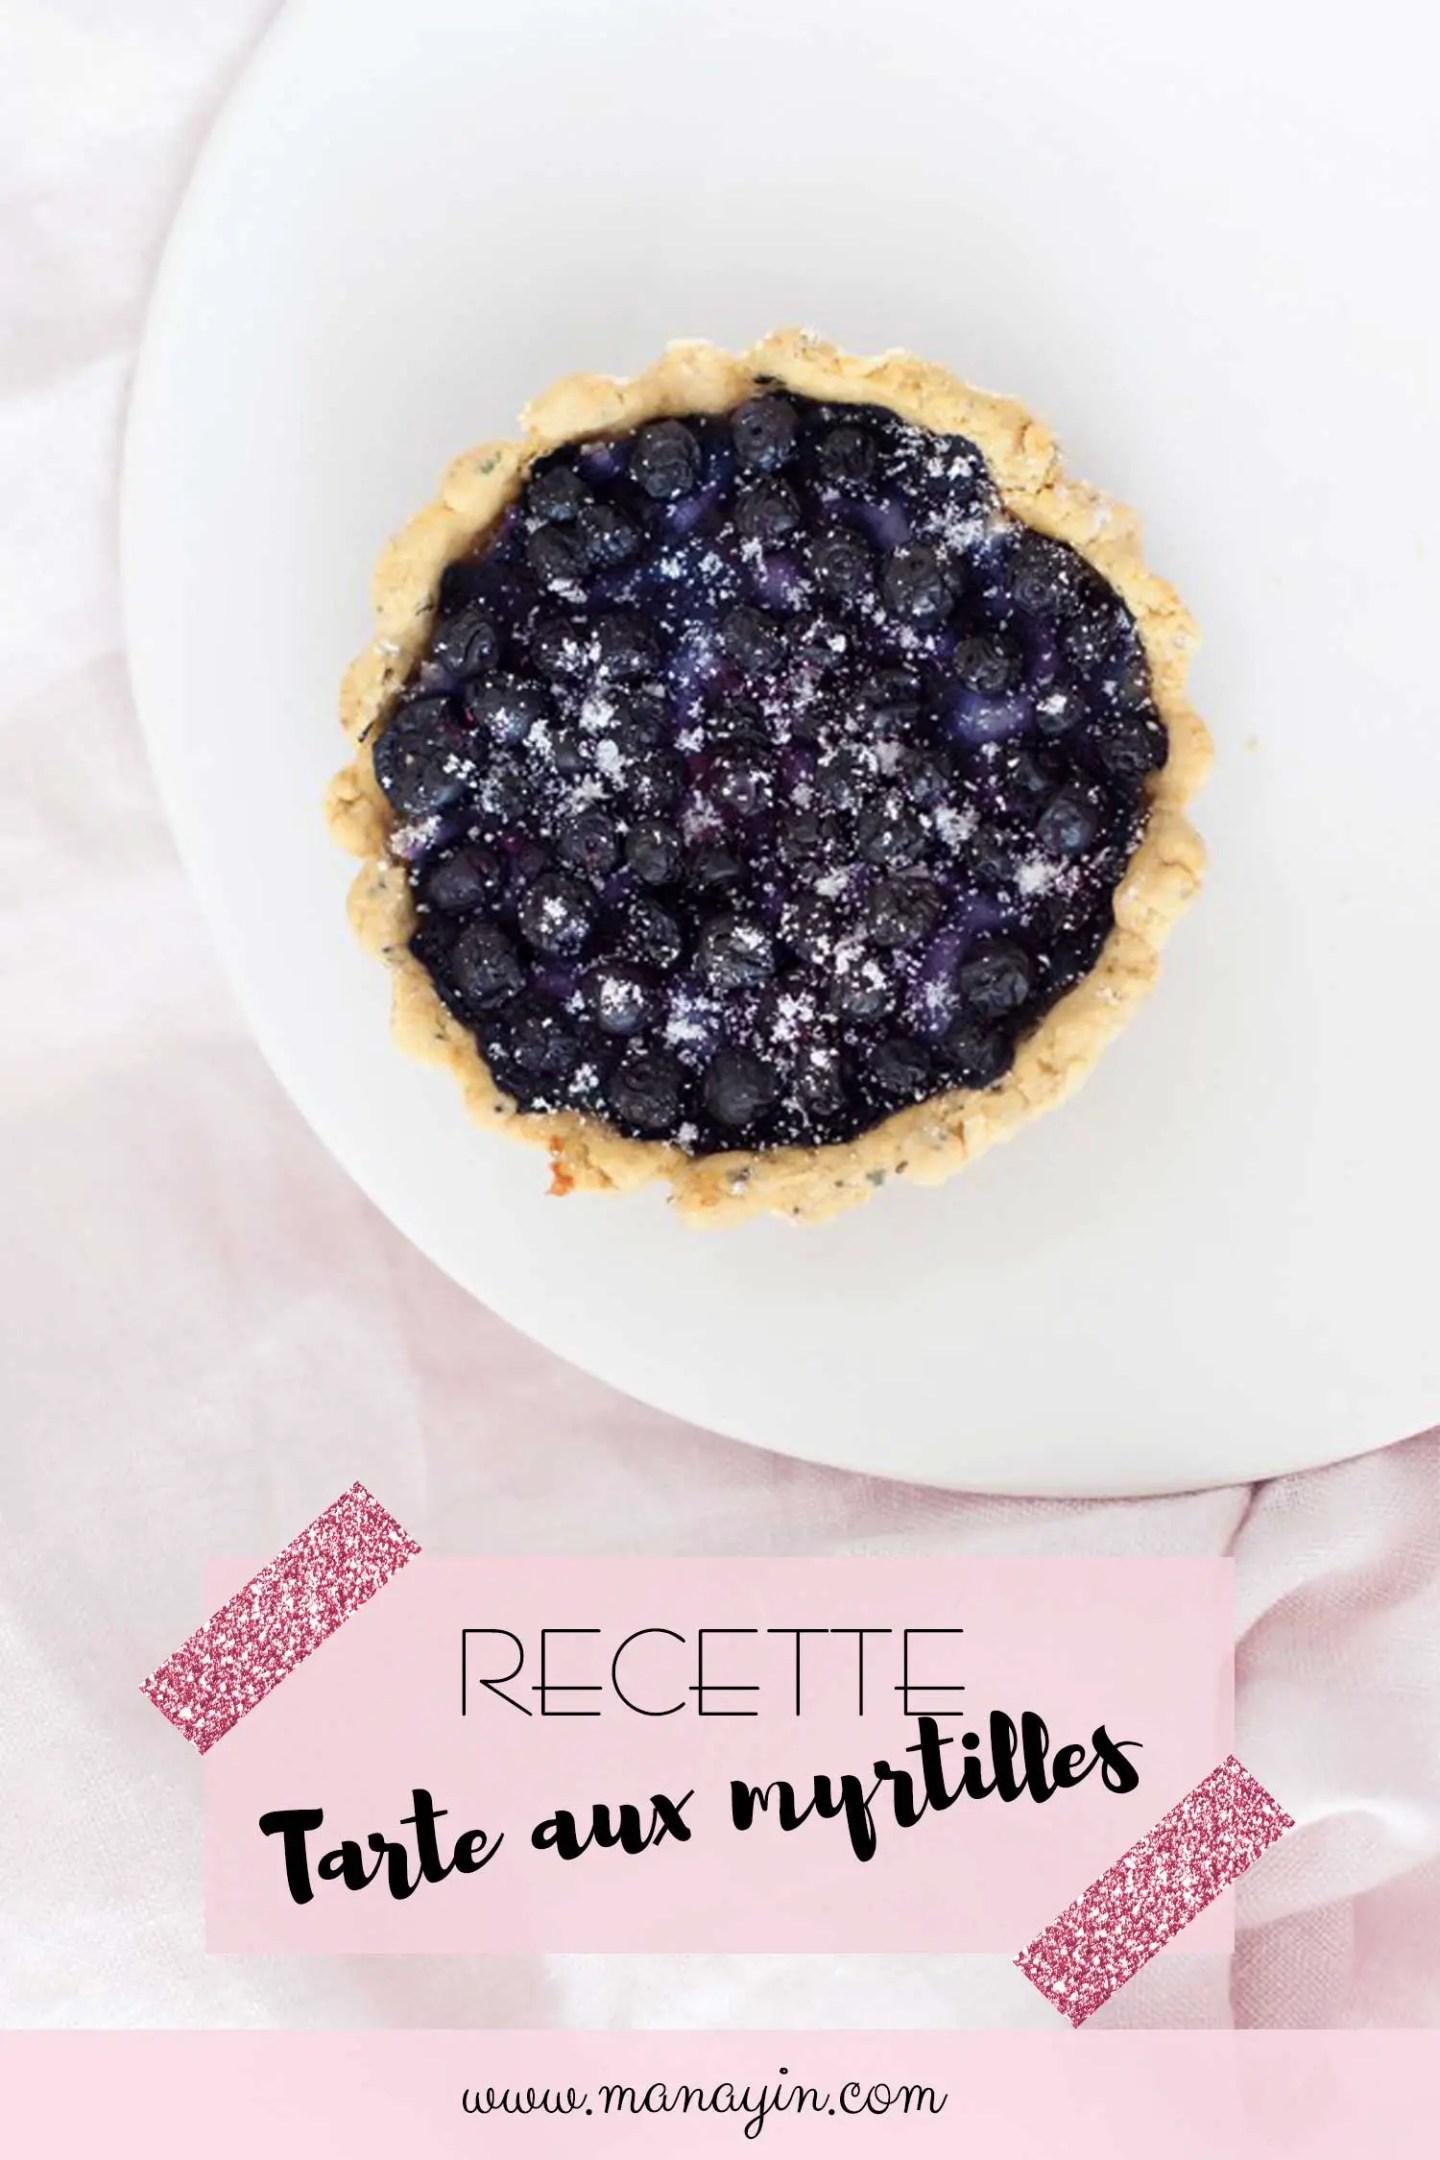 Recette tarte aux myrtilles